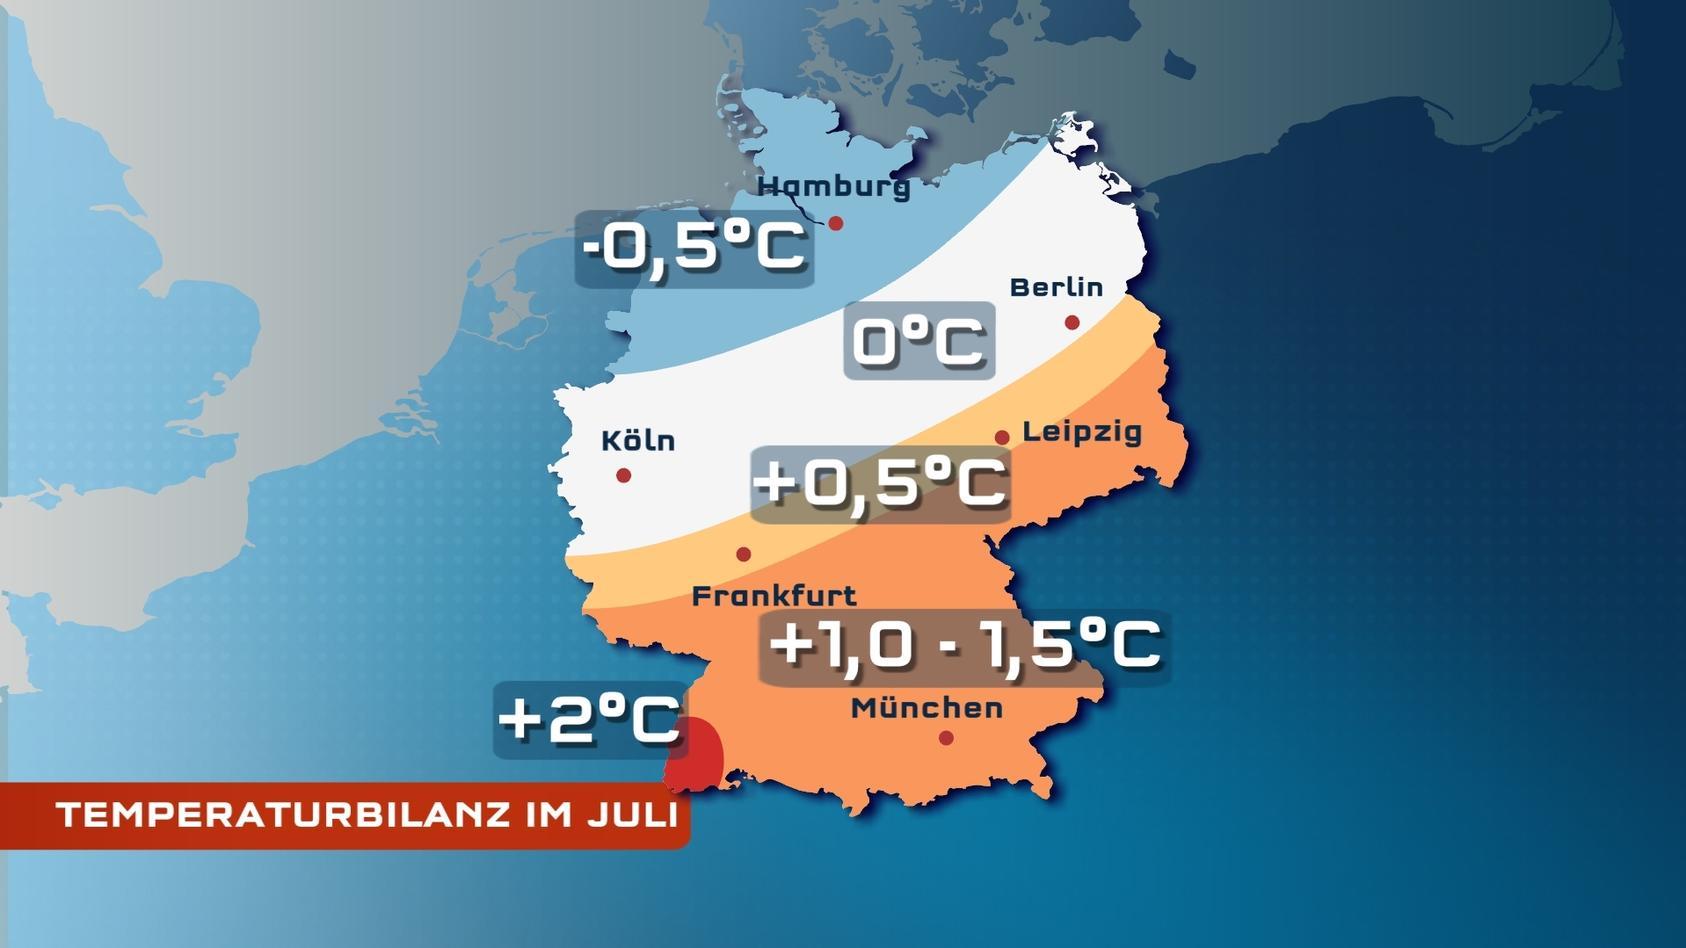 Im Norden war es im Juli kühler als gewöhnlich, im Süden wärmer.